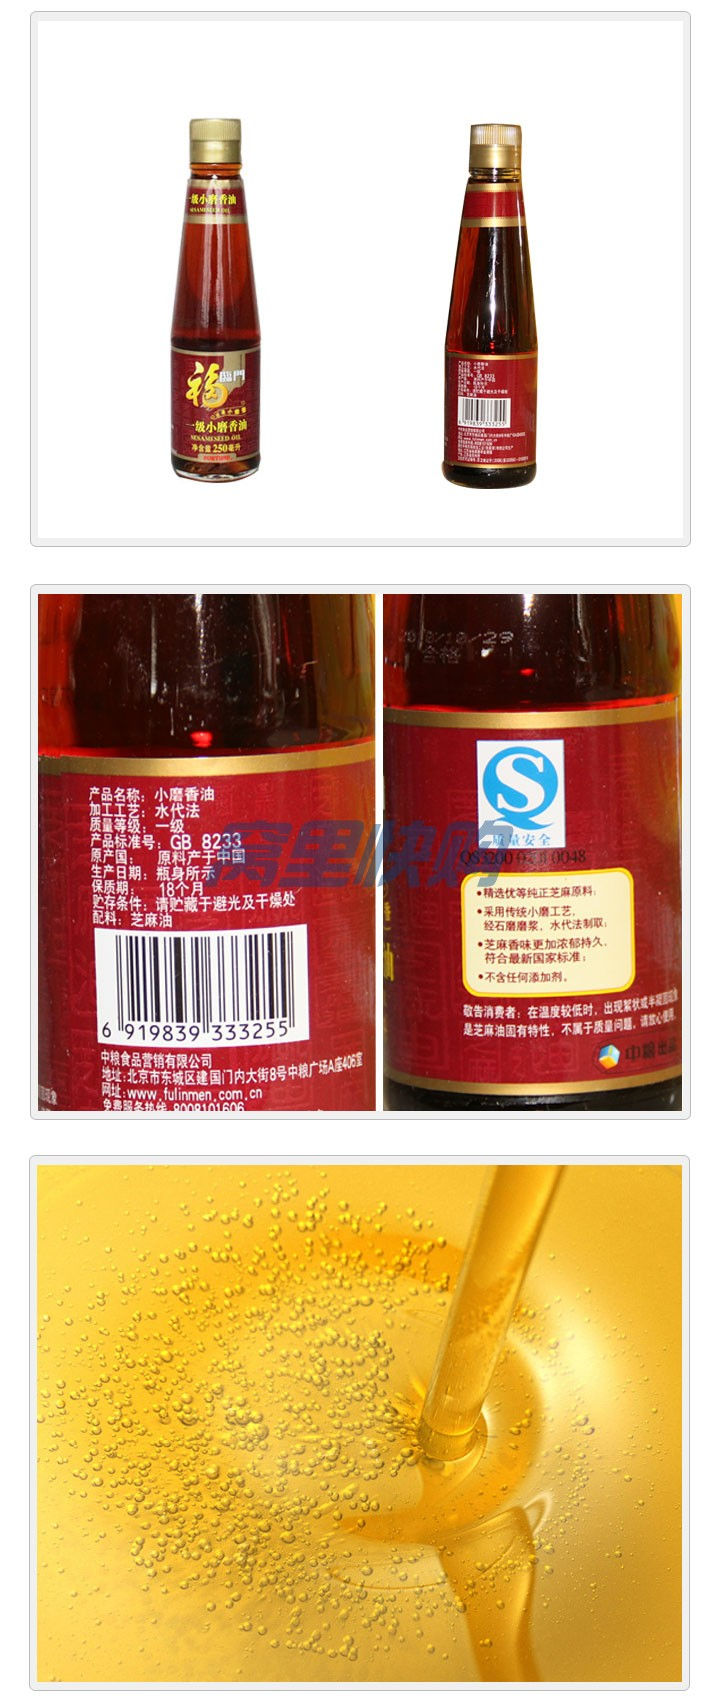 福临门一级小磨香油 250ml 瓶图片